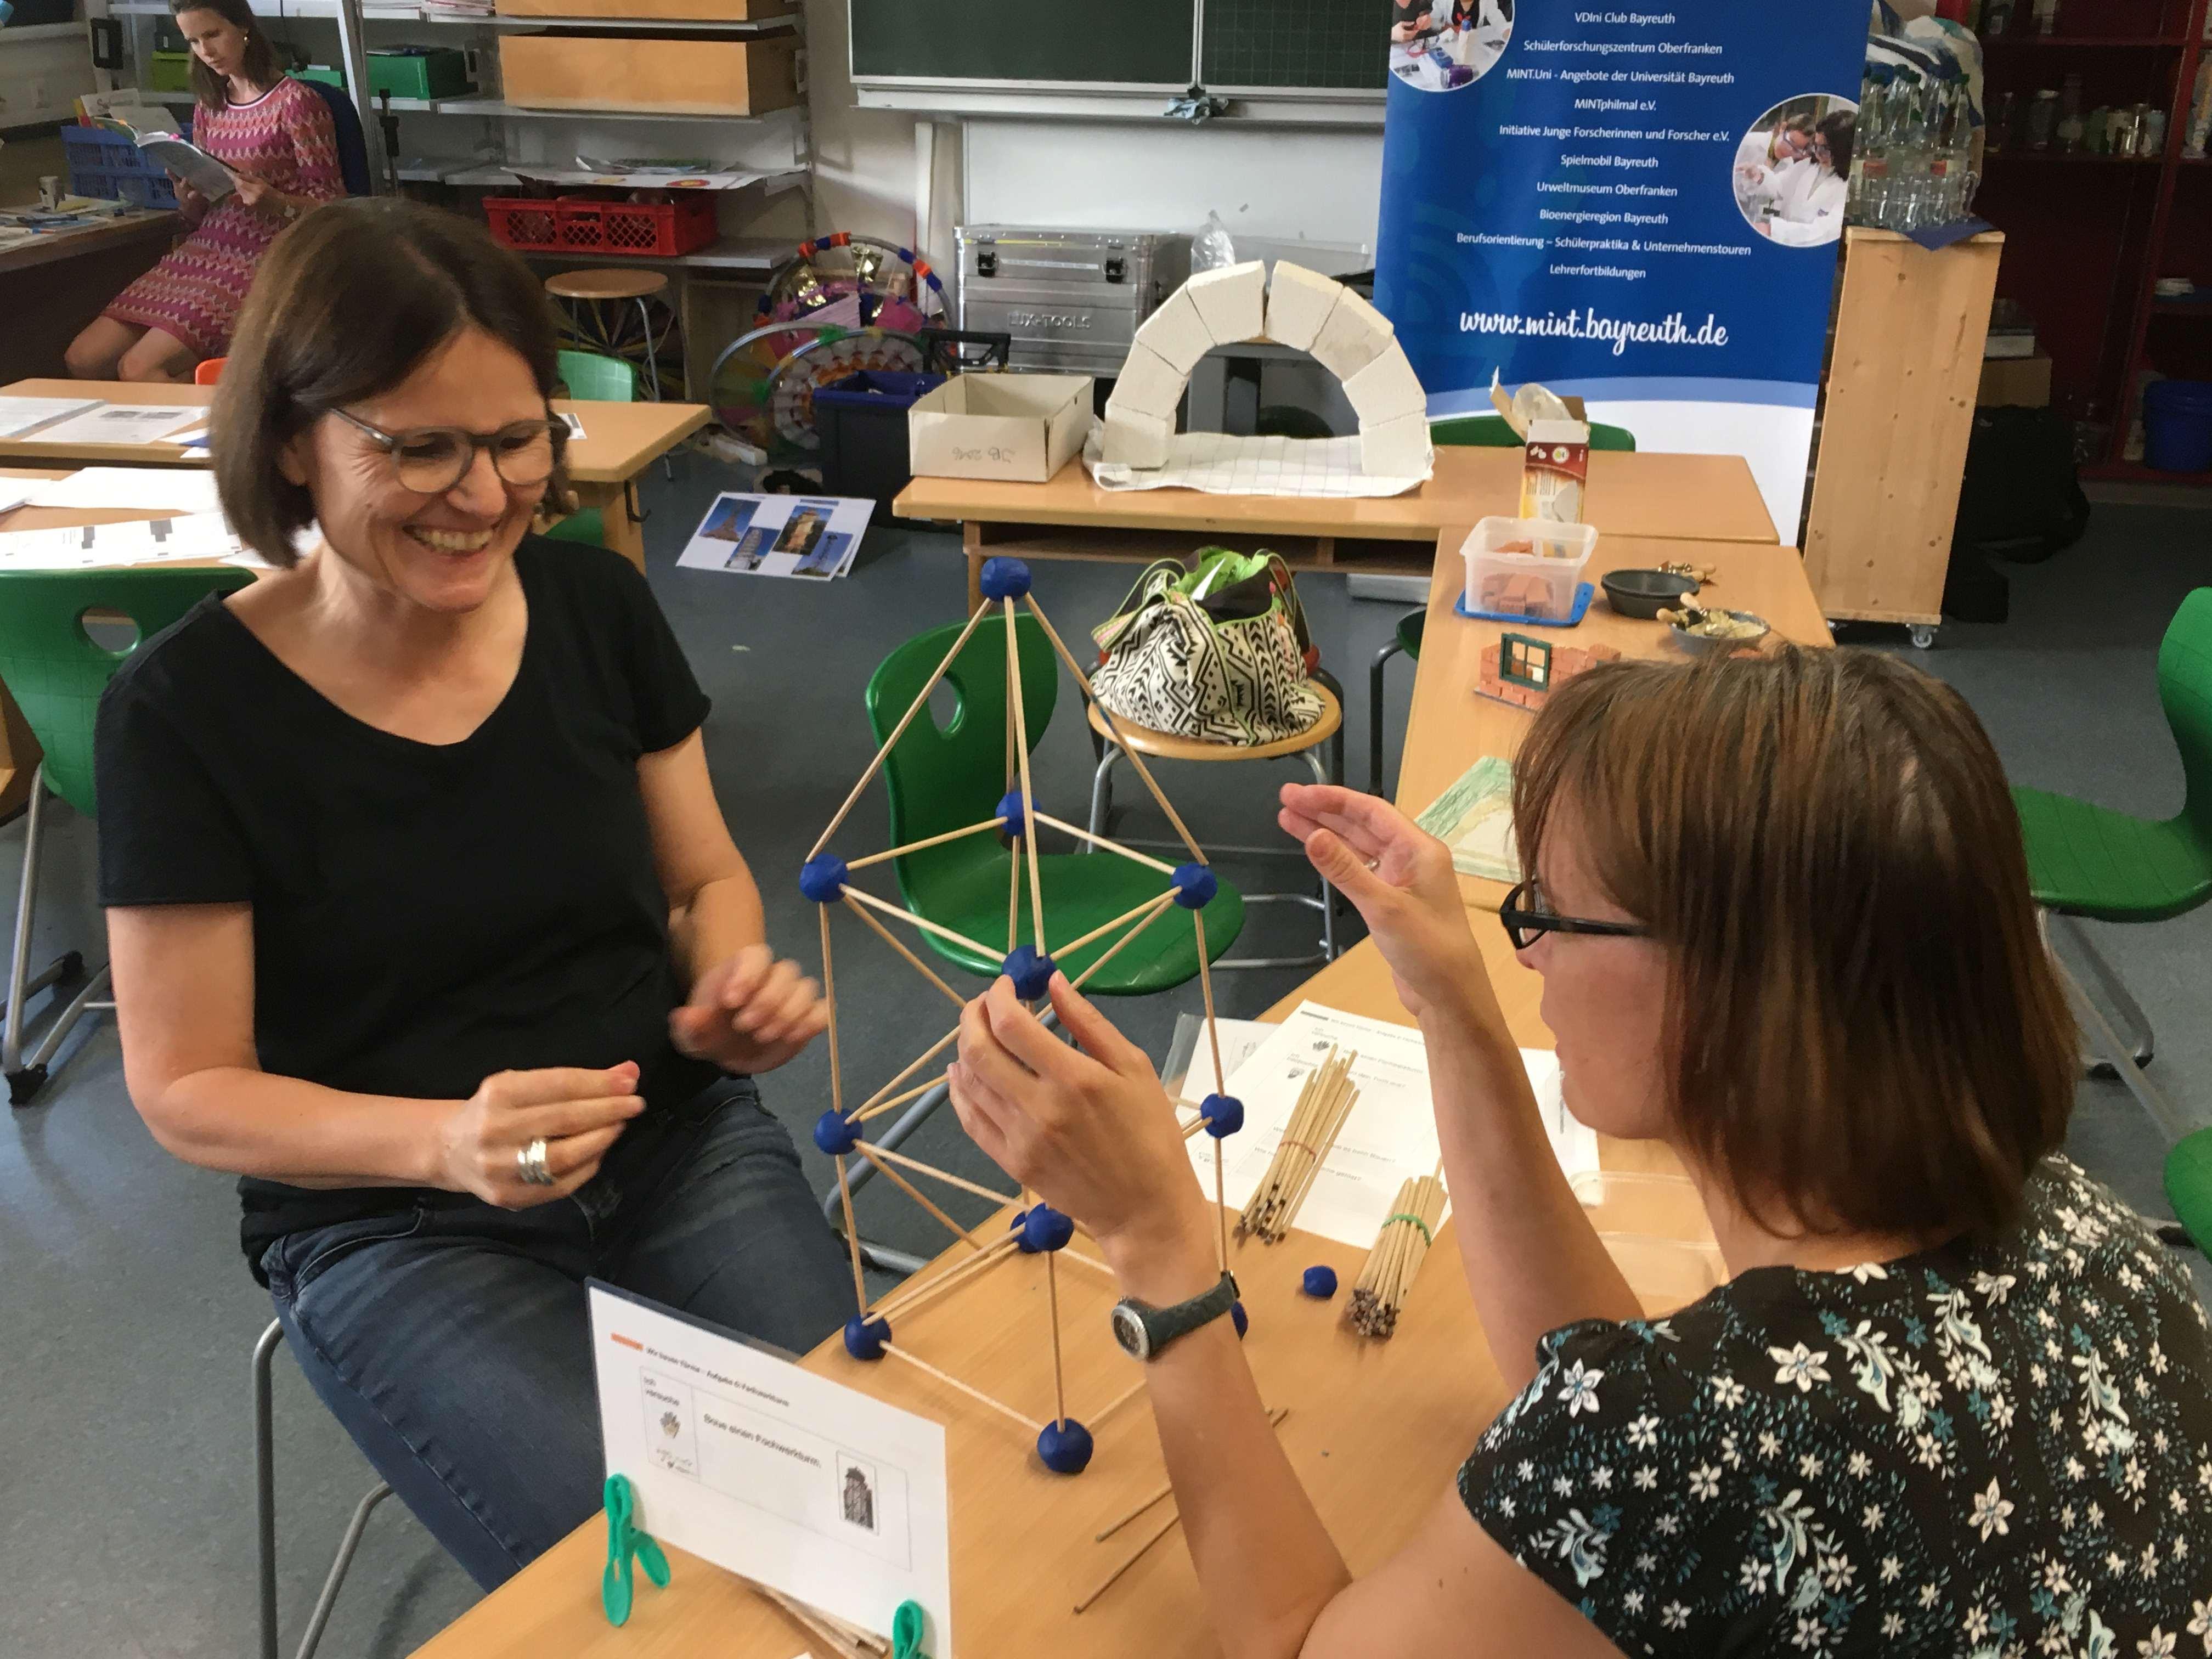 Zwei Lehrerinnen bei der Fortbildung zum Thema Statik